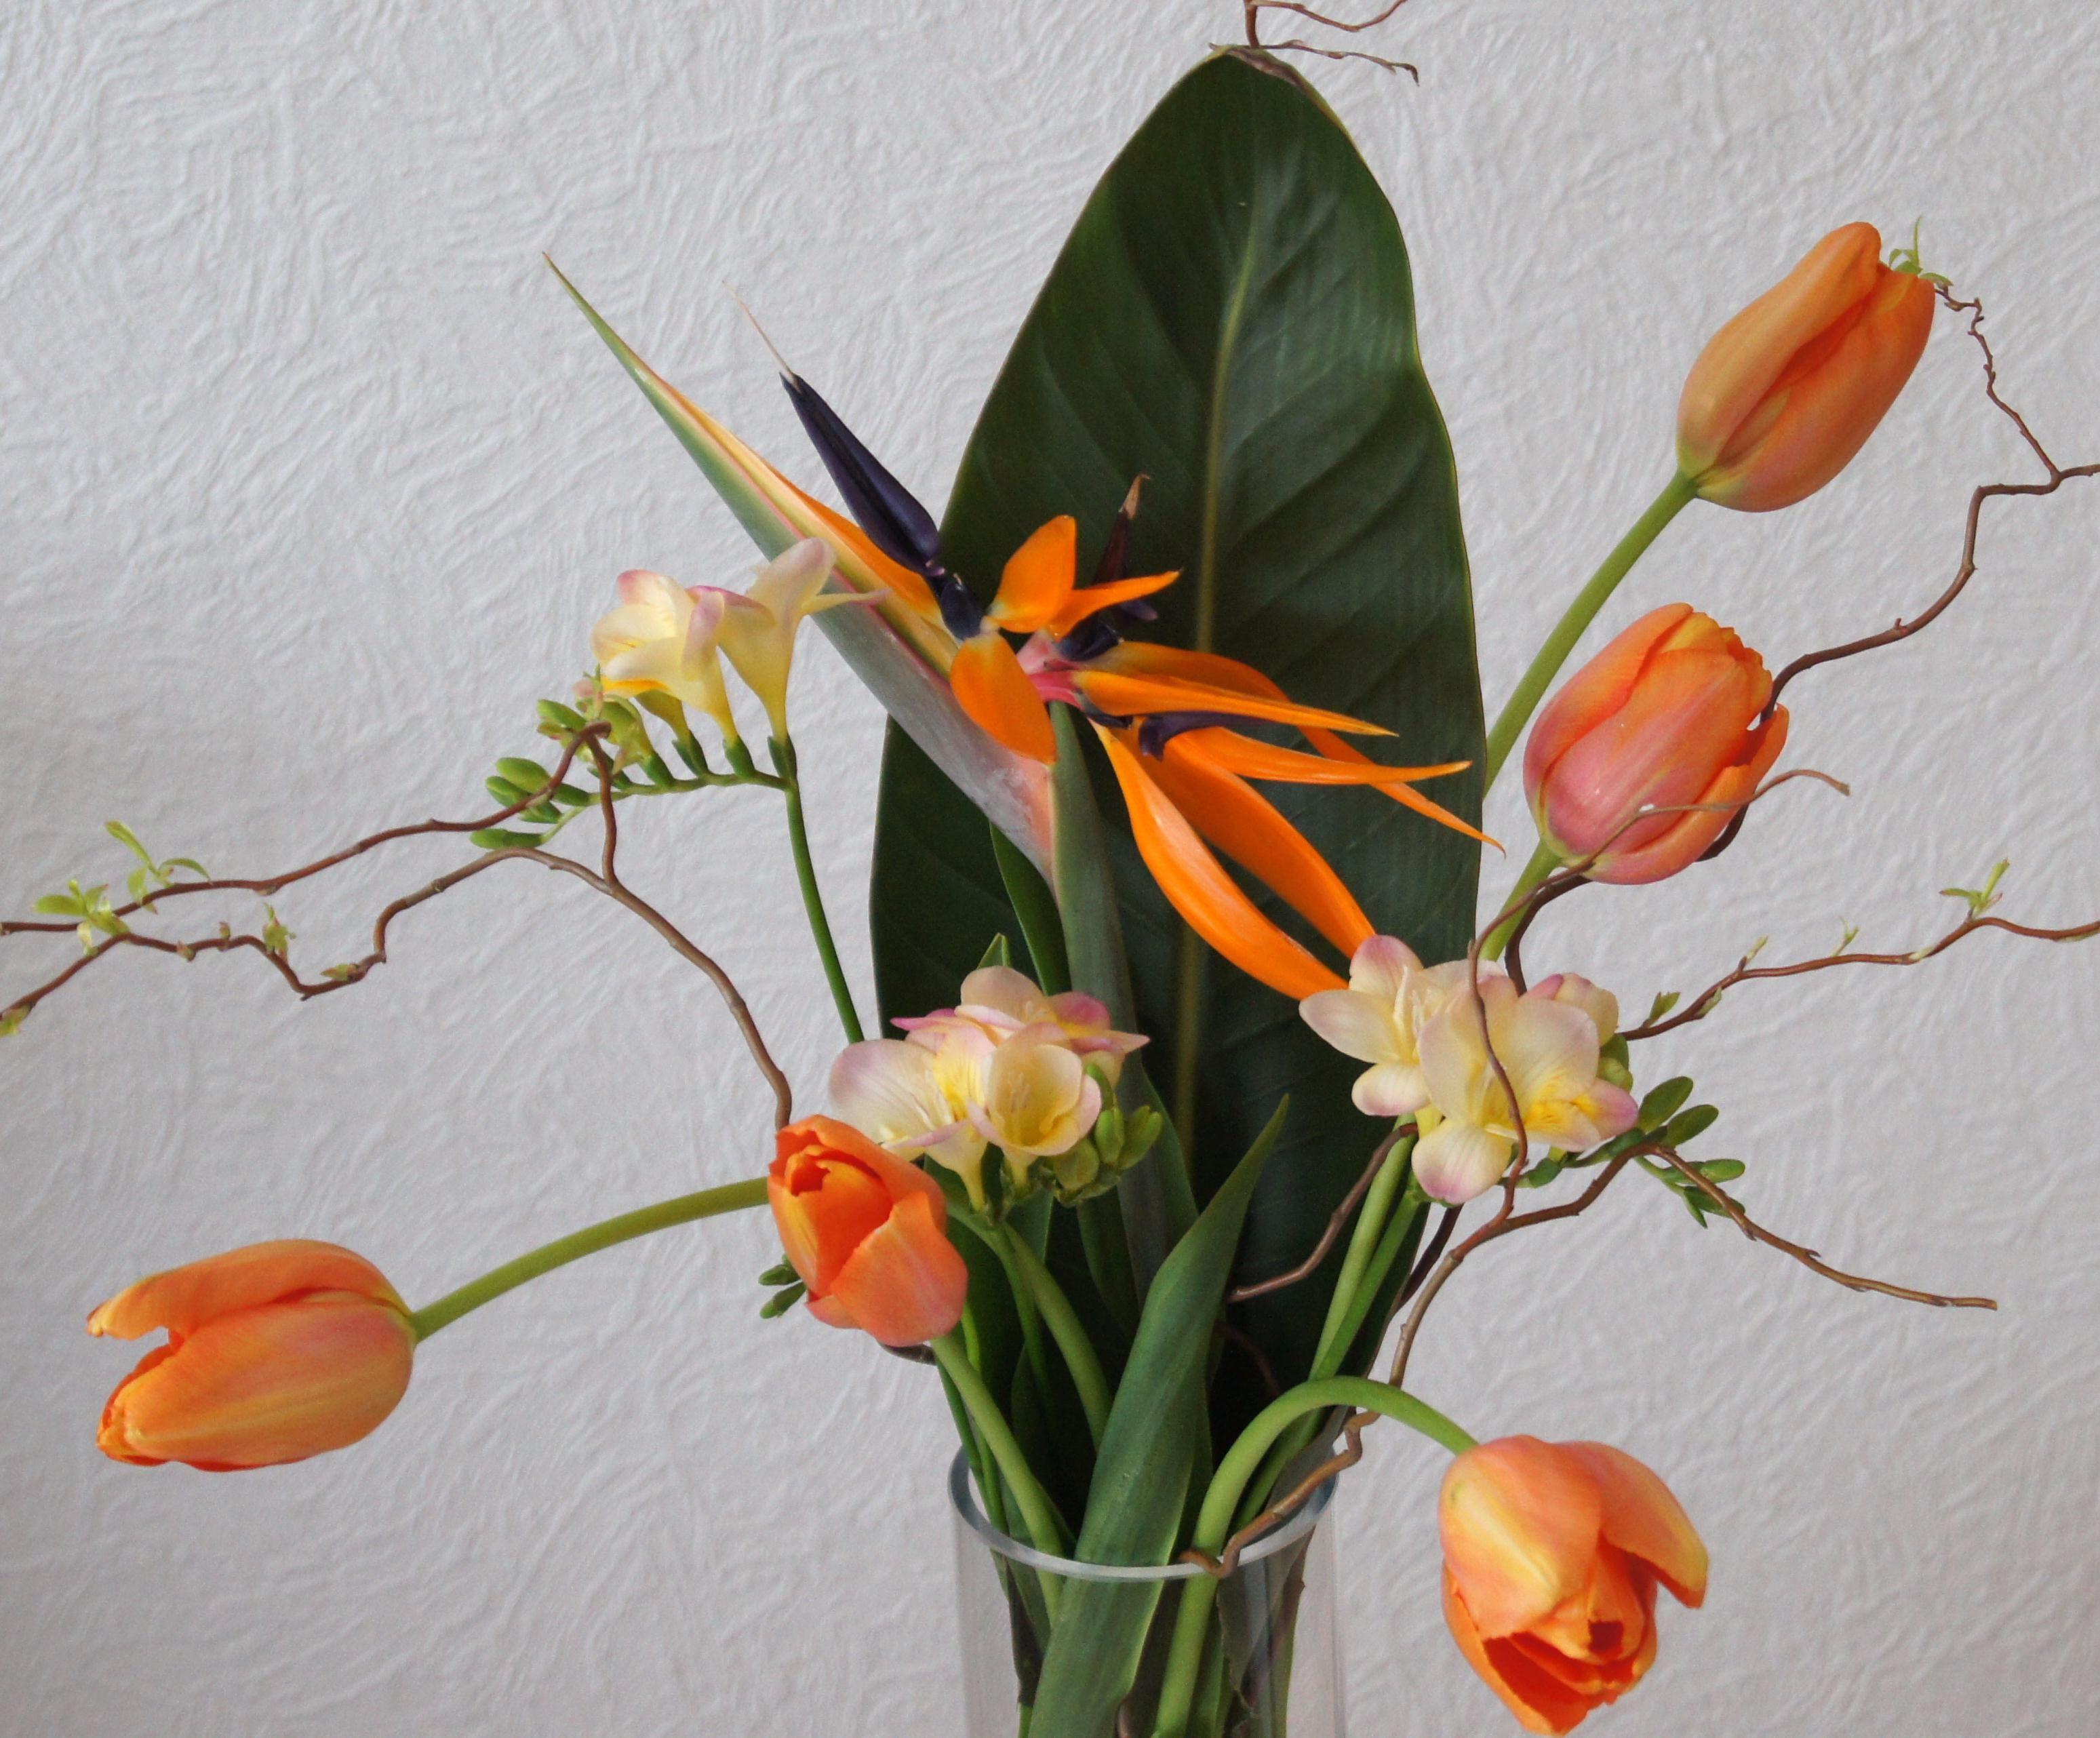 Erfreut Frühling Färbung Aktivitäten Bilder - Druckbare Malvorlagen ...